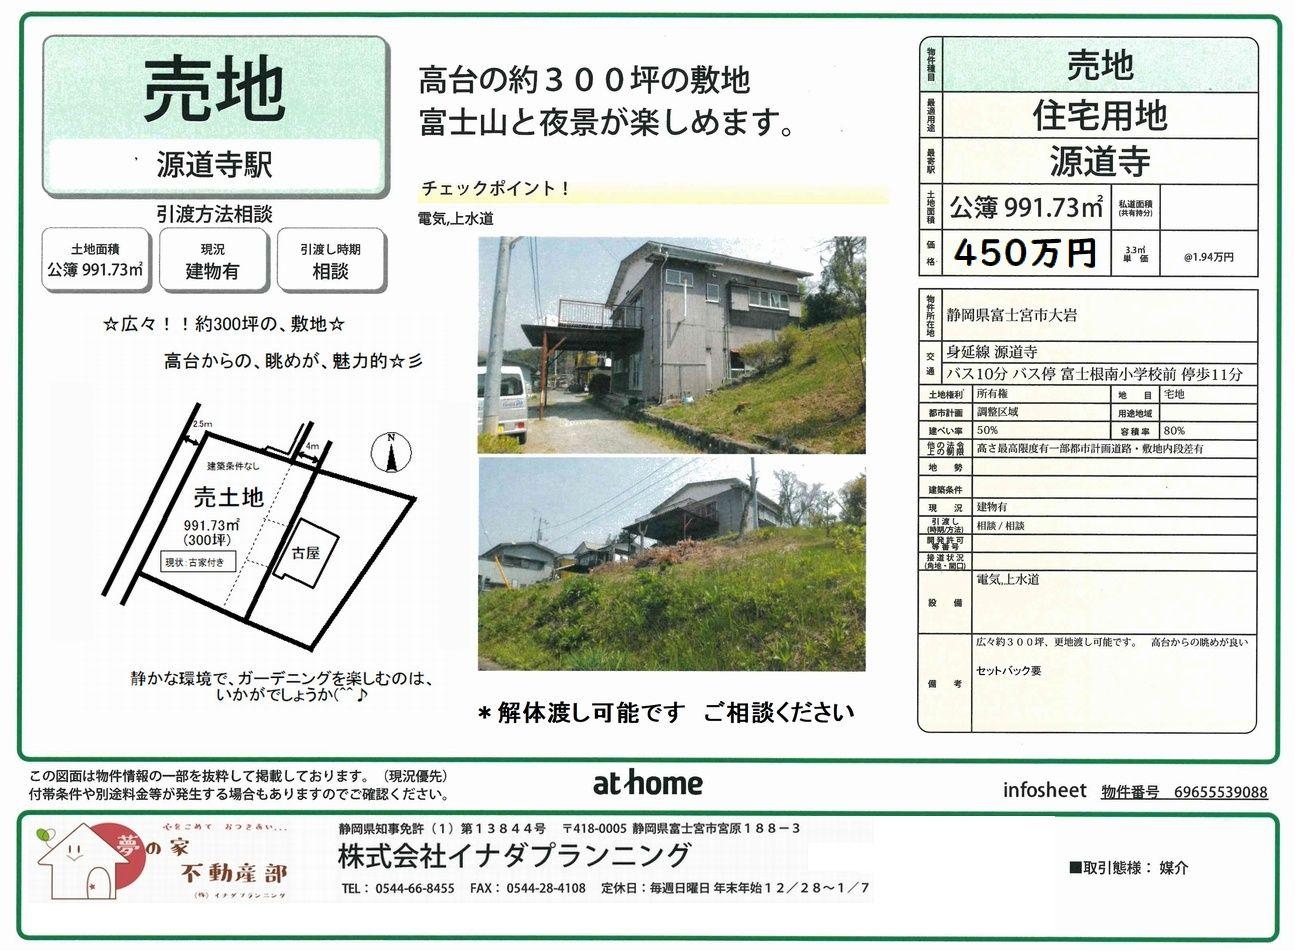 静岡県富士宮市大岩の売土地 300坪